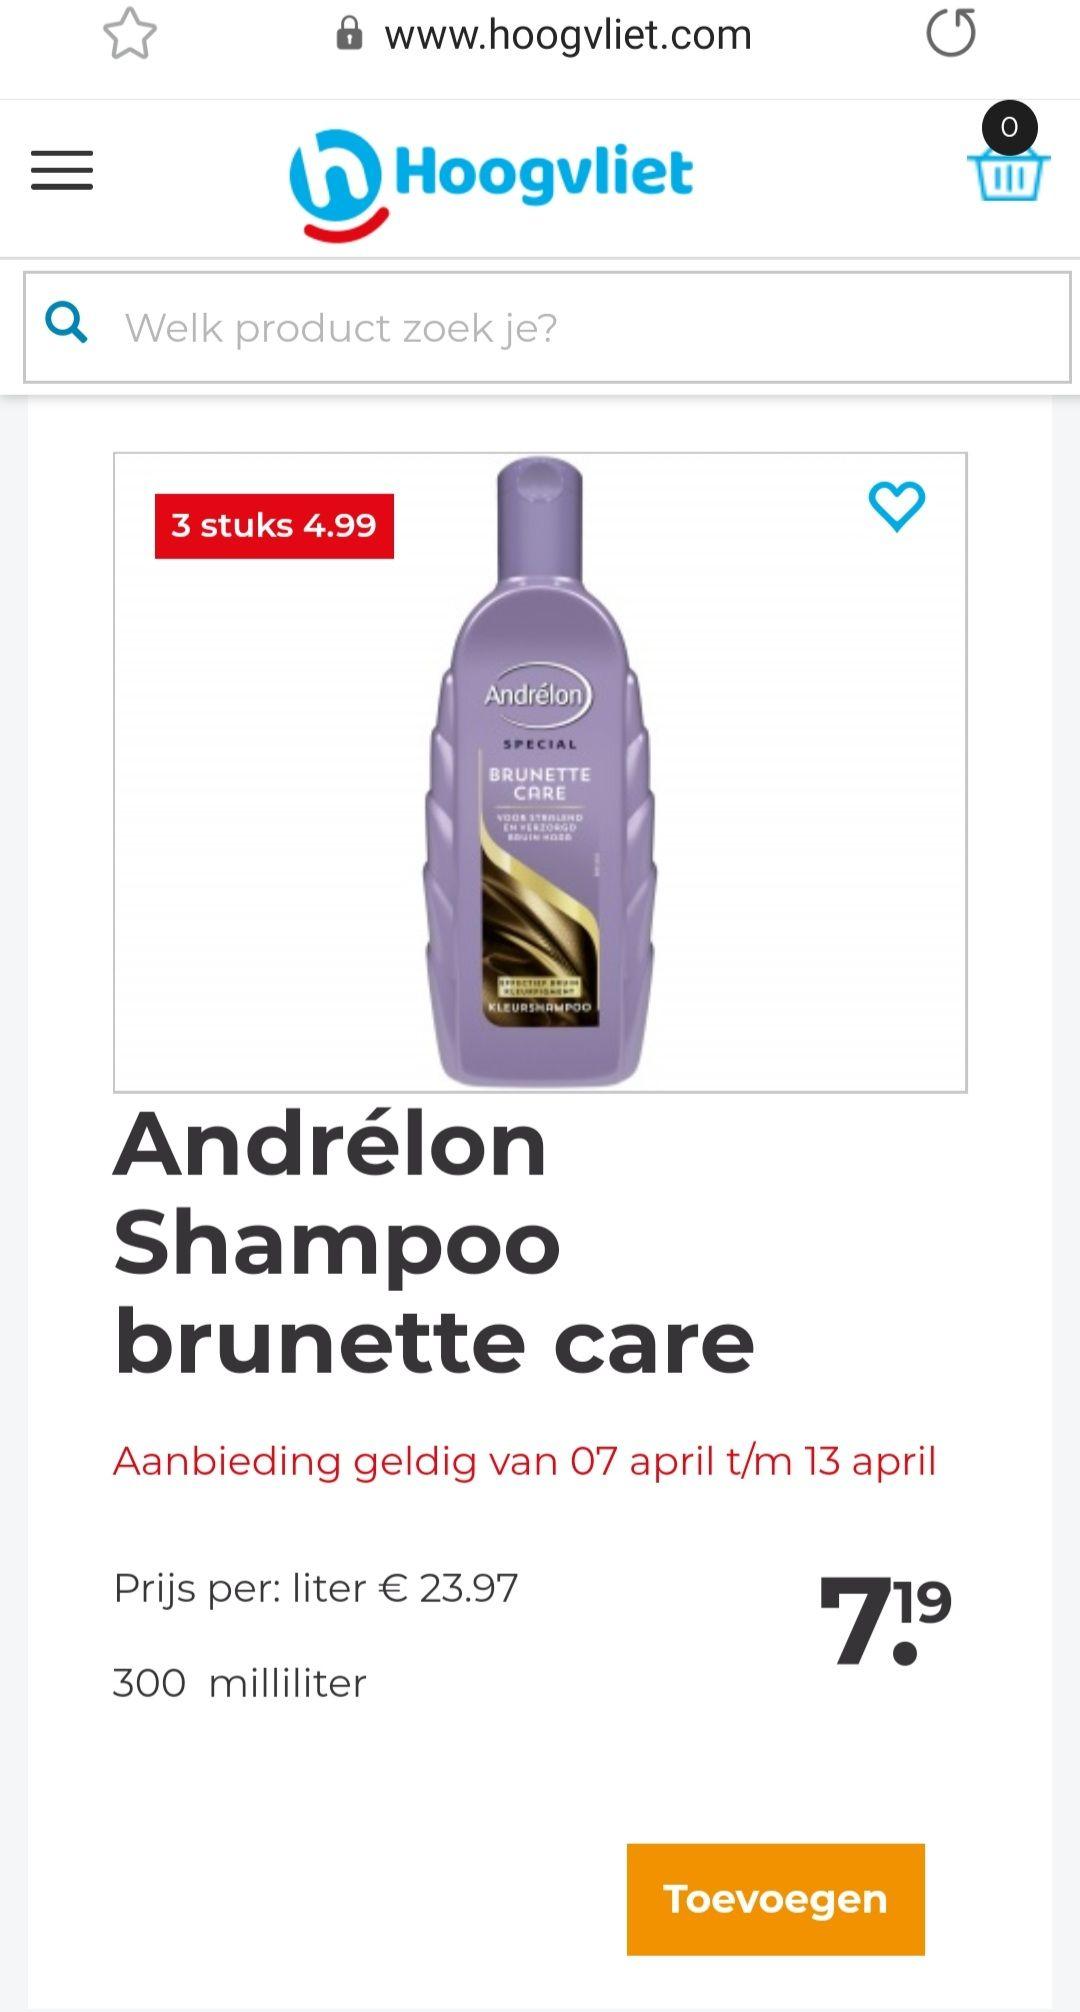 Andrelon shampoo en conditioner 3 voor 4.99